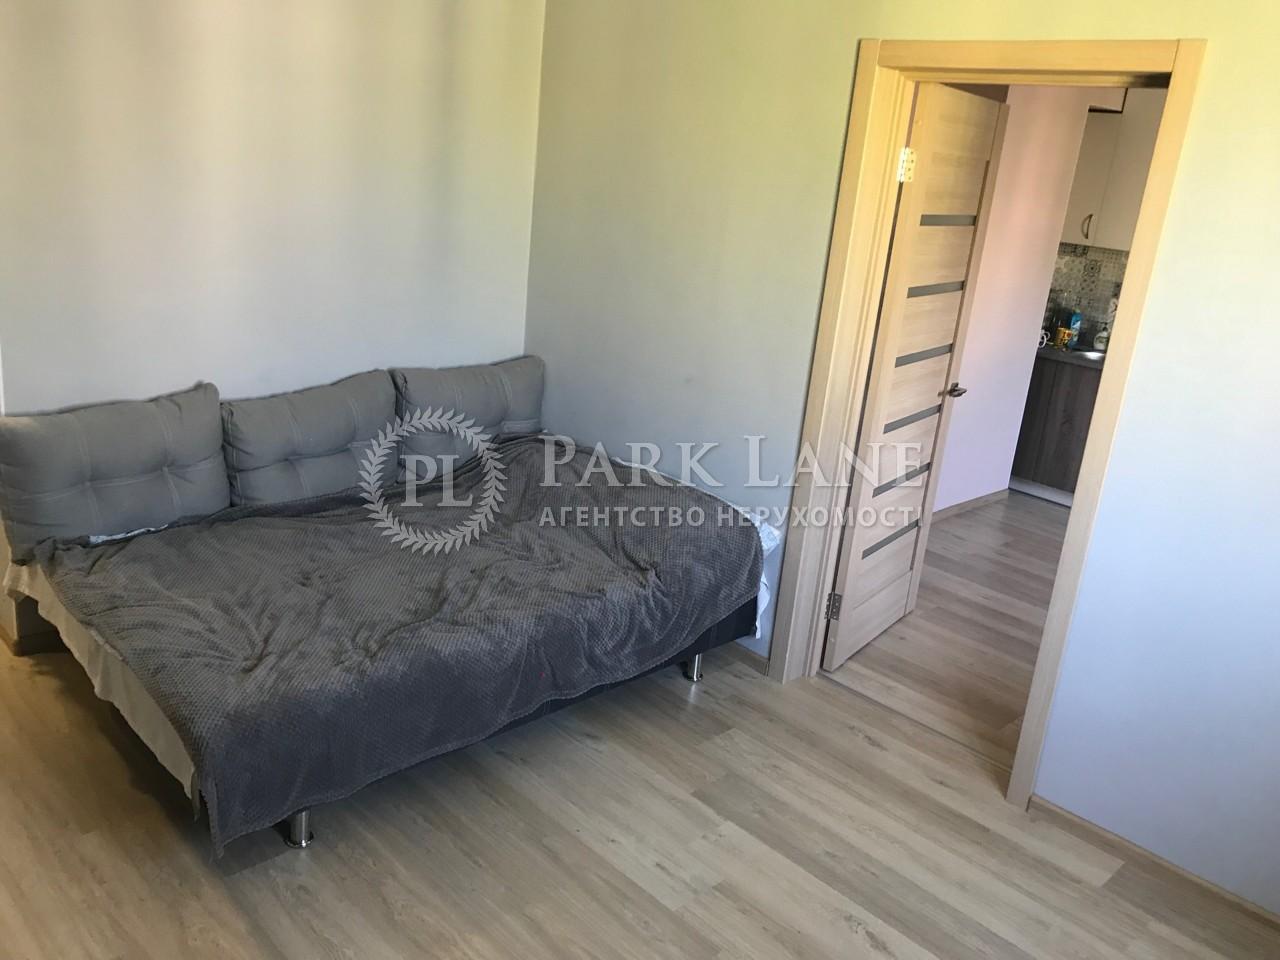 Квартира вул. Ломоносова, 36а, Київ, B-95705 - Фото 3